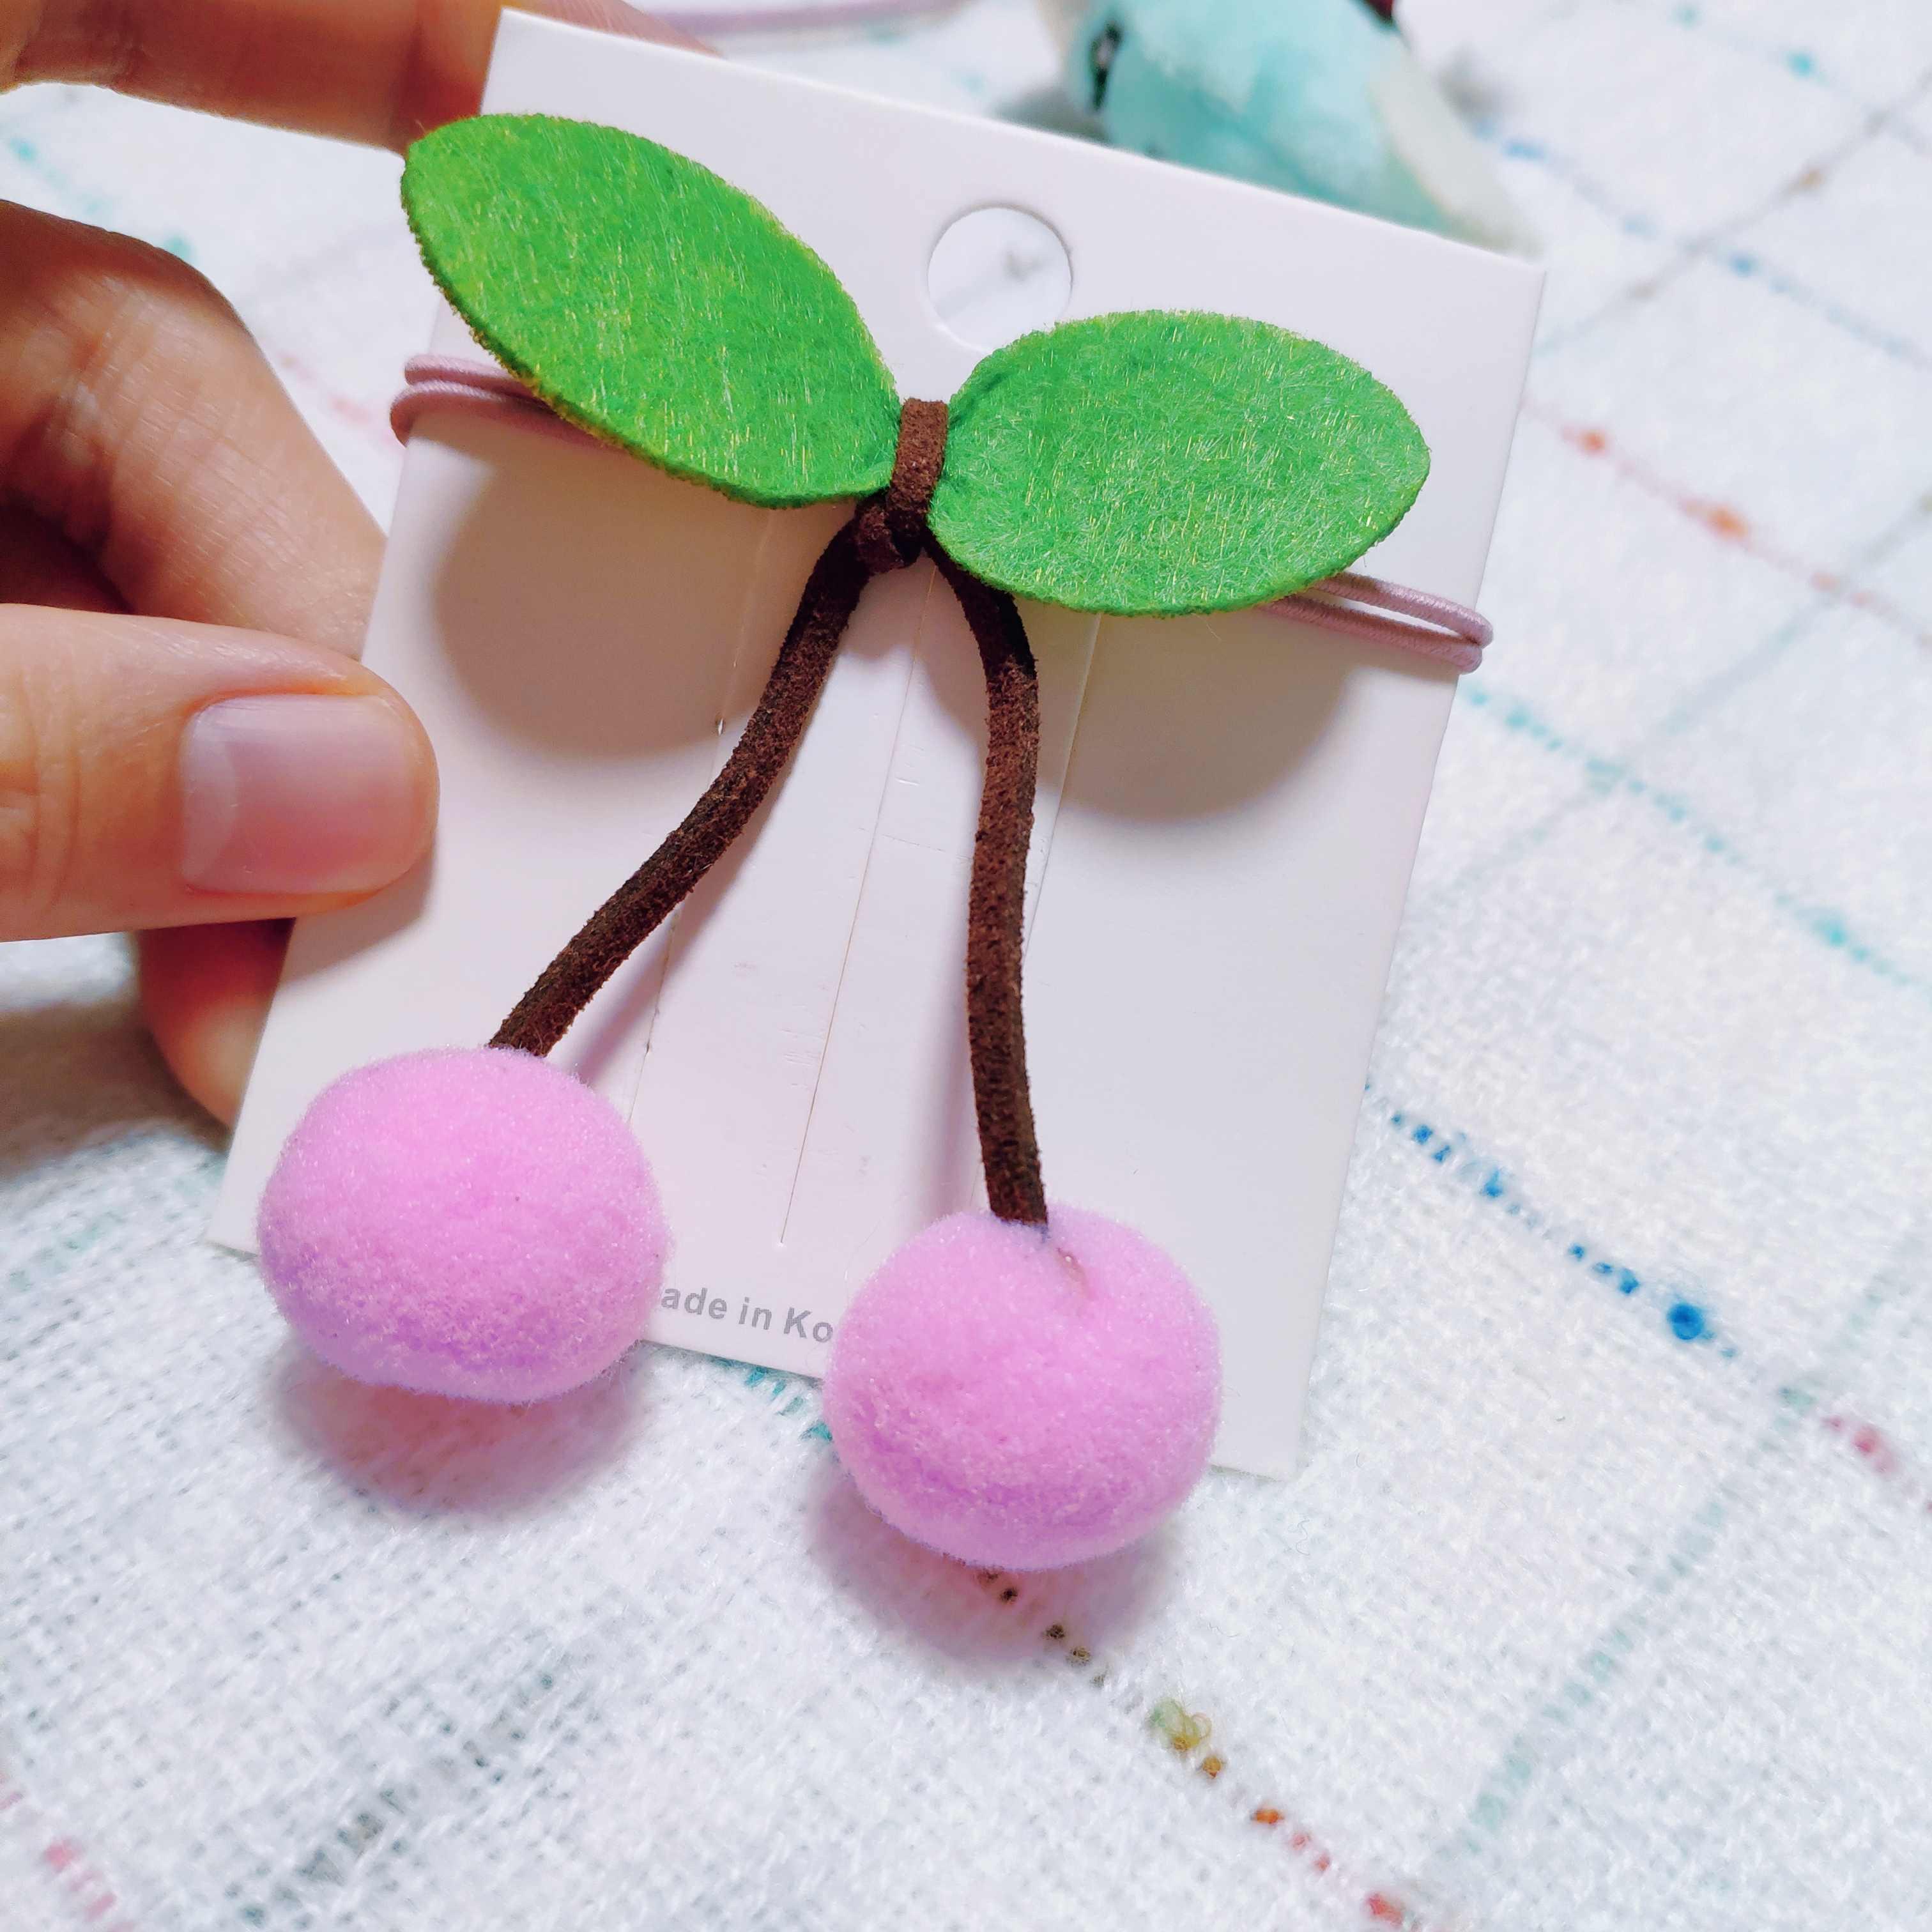 Smok japoński koreański cartoon gumka do włosów miękkie kiełkowanie biżuteria pluszowe Zhalong dziecko w klatce piersiowej igły pasma włosów gumka do włosów scrunchie